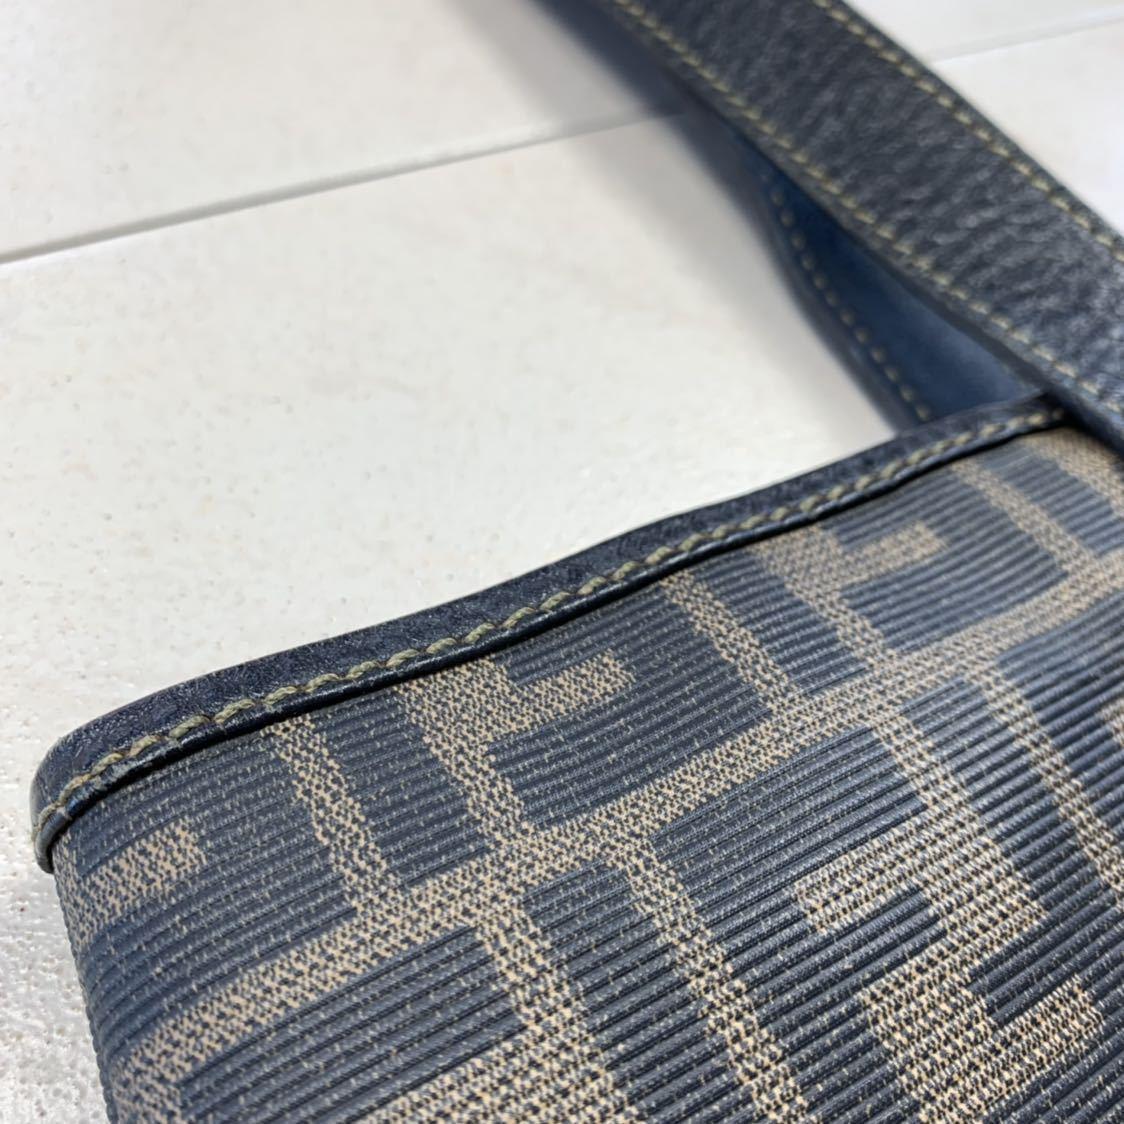 フェンディ FENDI ズッカ柄 ユニセックス ショッピングトートバッグ イタリア製正規品 美品_画像9